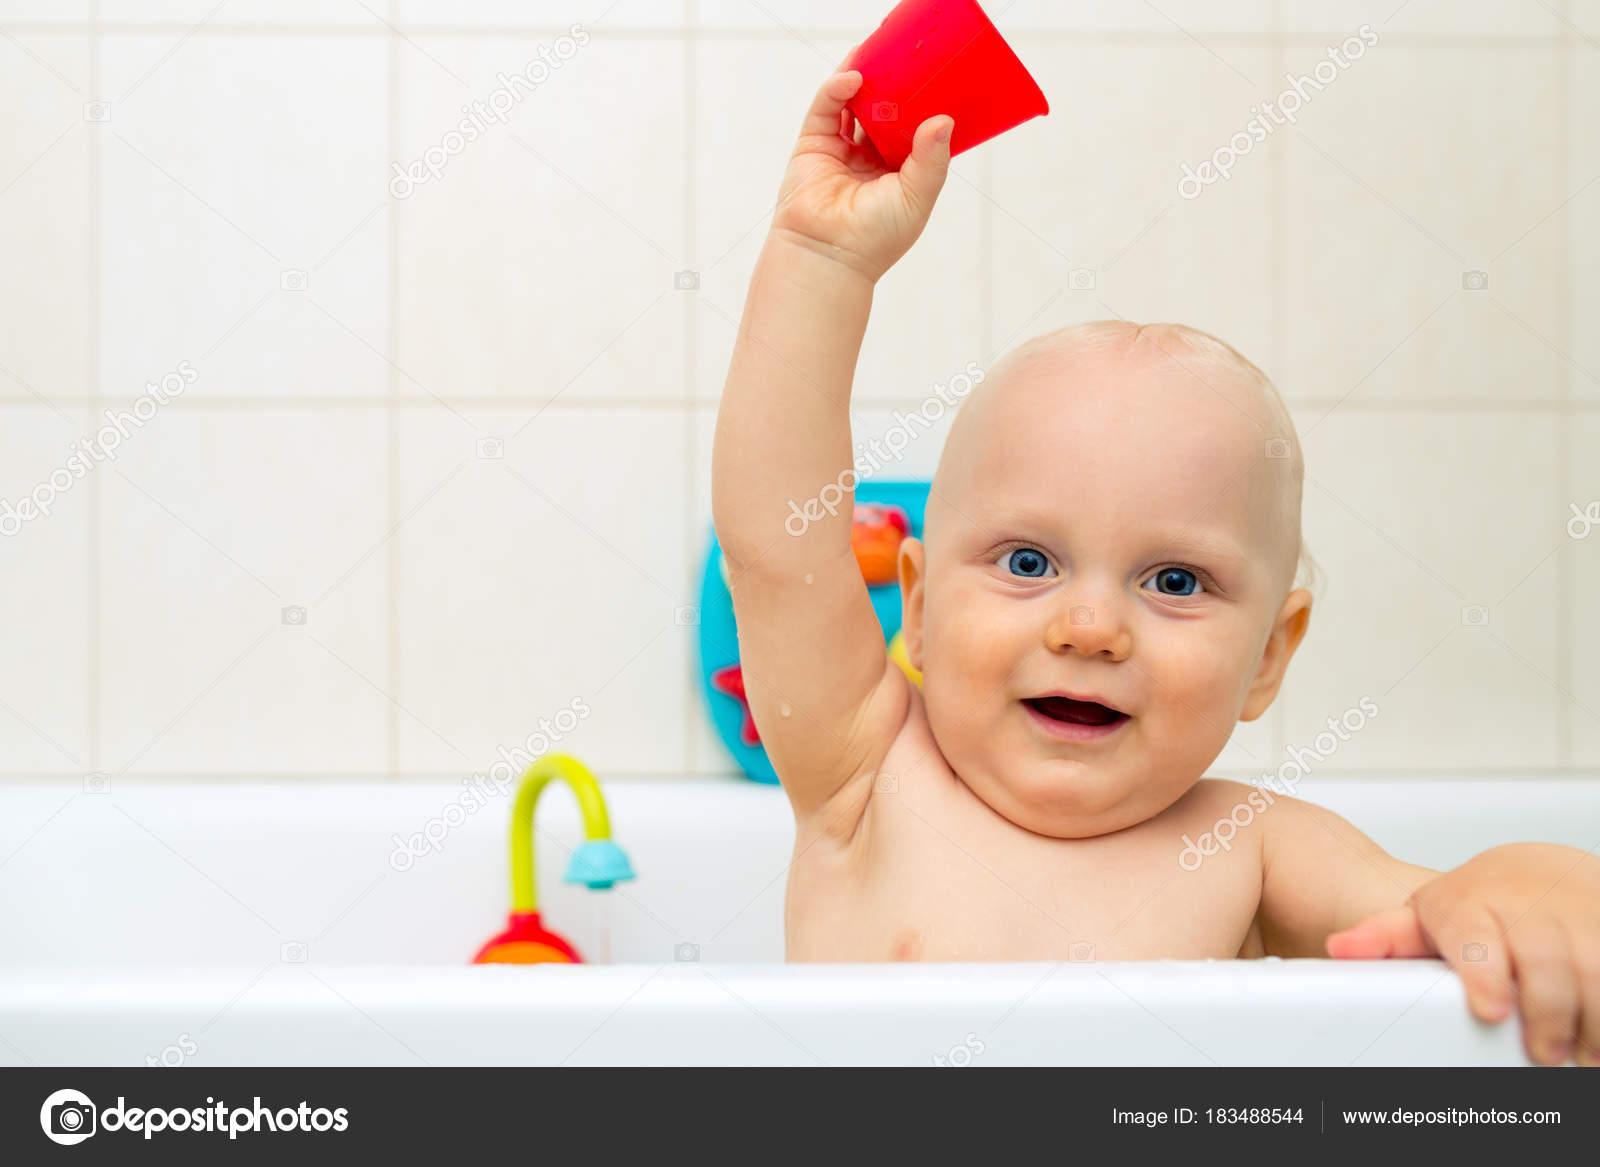 Vasca Da Bagno Neonato : Neonato che prendendo un bagno giocare in una vasca da bagno u2014 foto